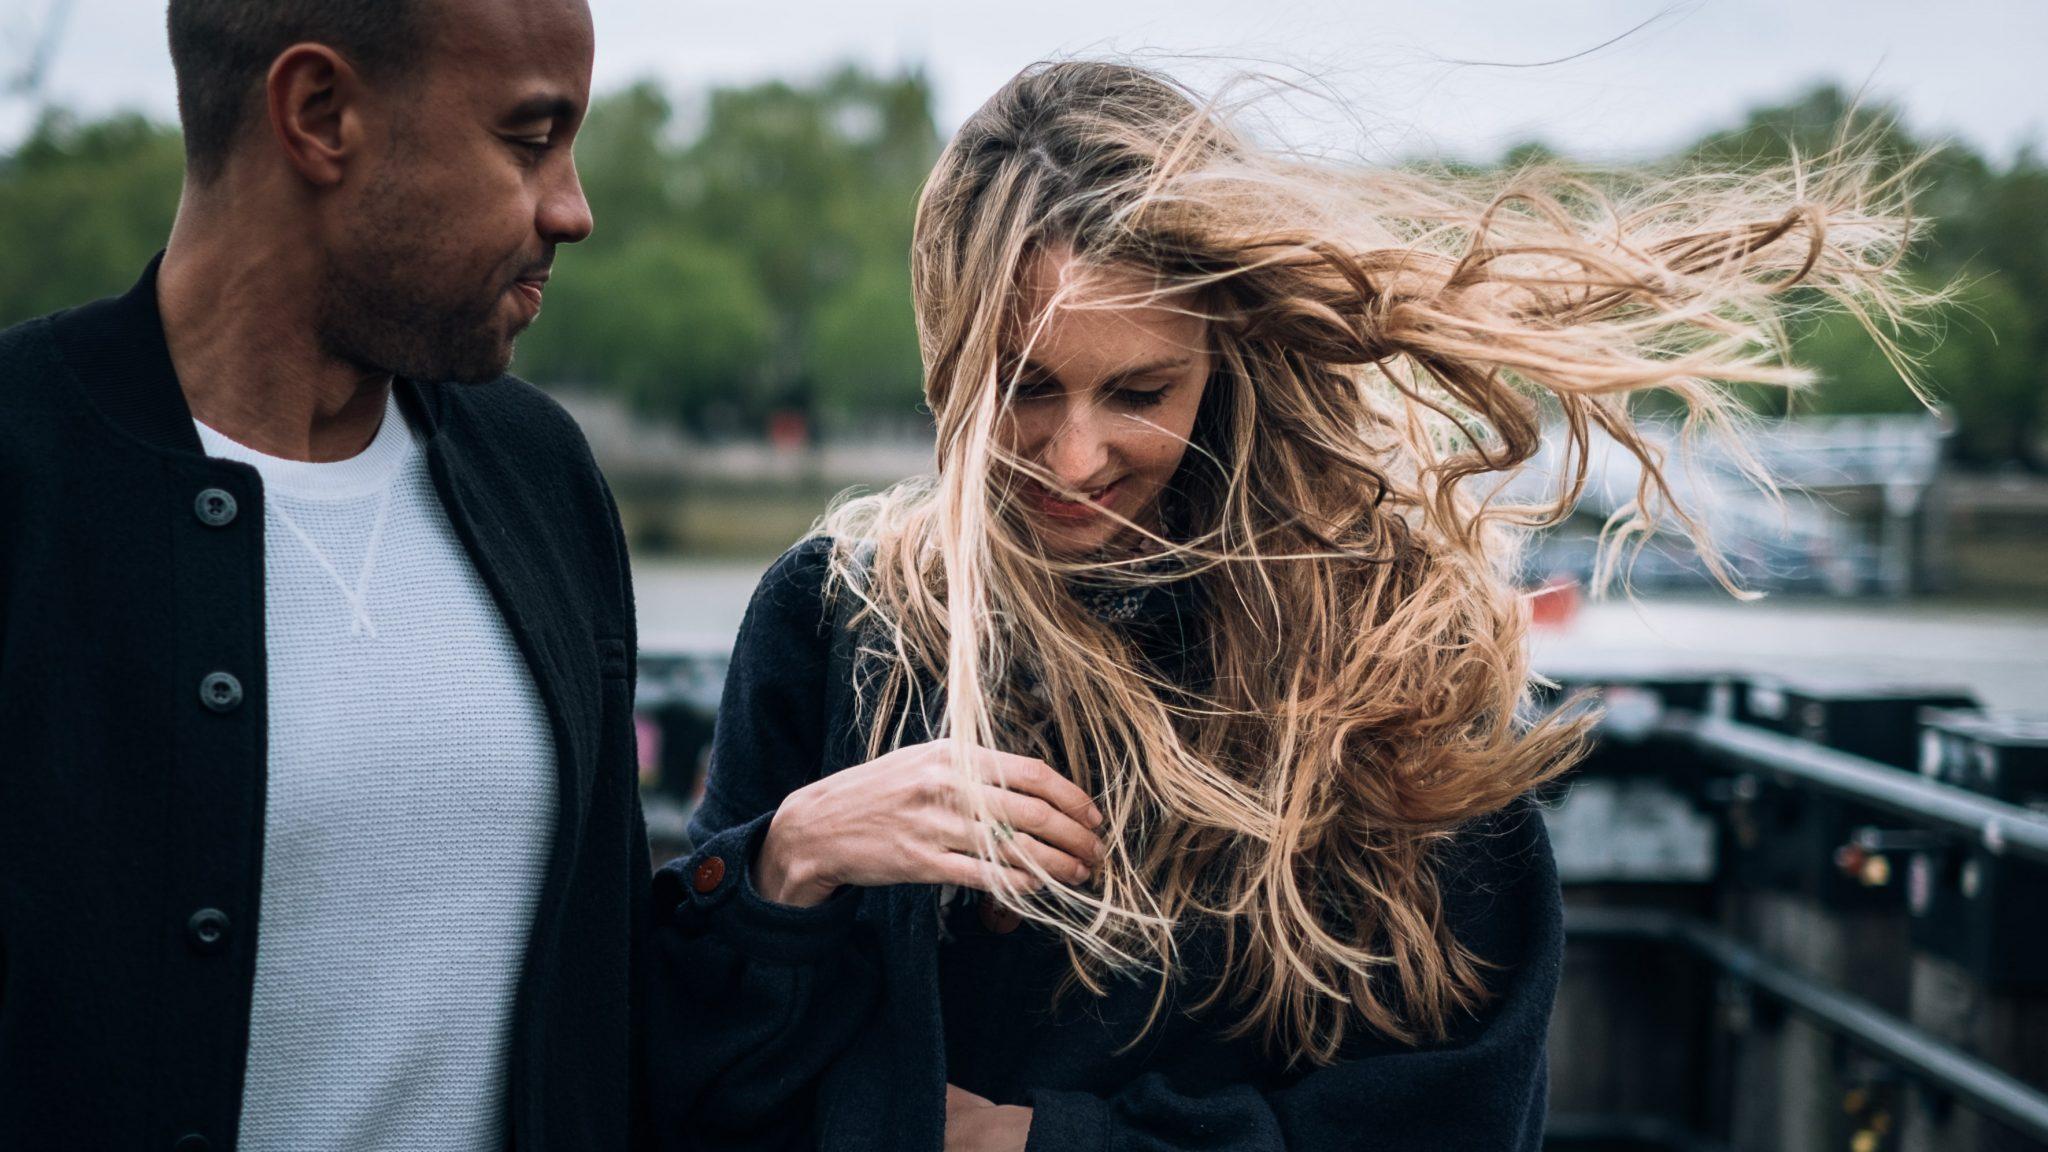 il fidanzato guarda la fidanzata mentre ha i capelli scompigliati dal vento